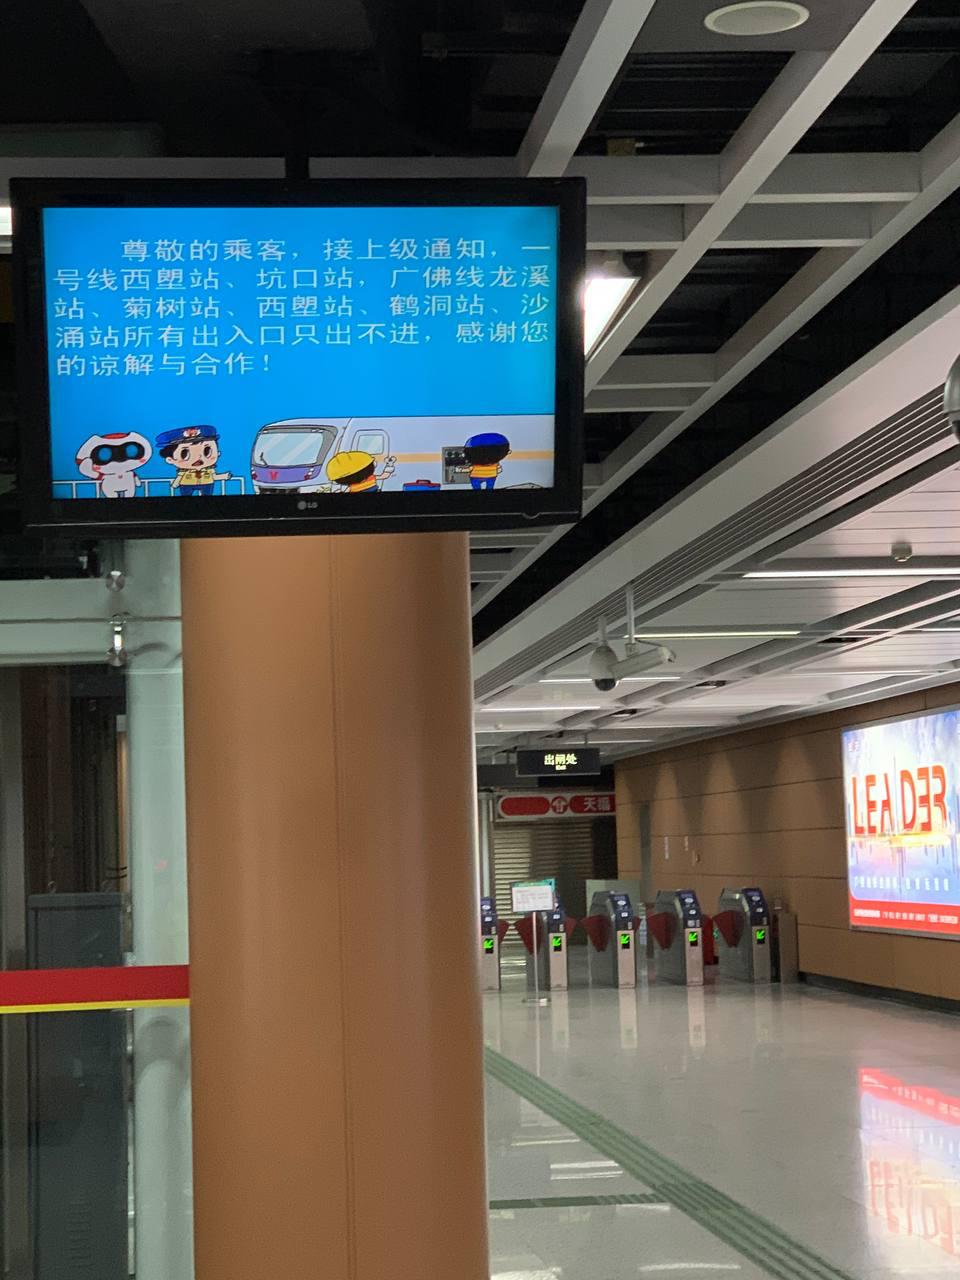 廣州的地鐵站傍晚5時多平時人潮湧動,現在是空無一人。(受訪者提供)